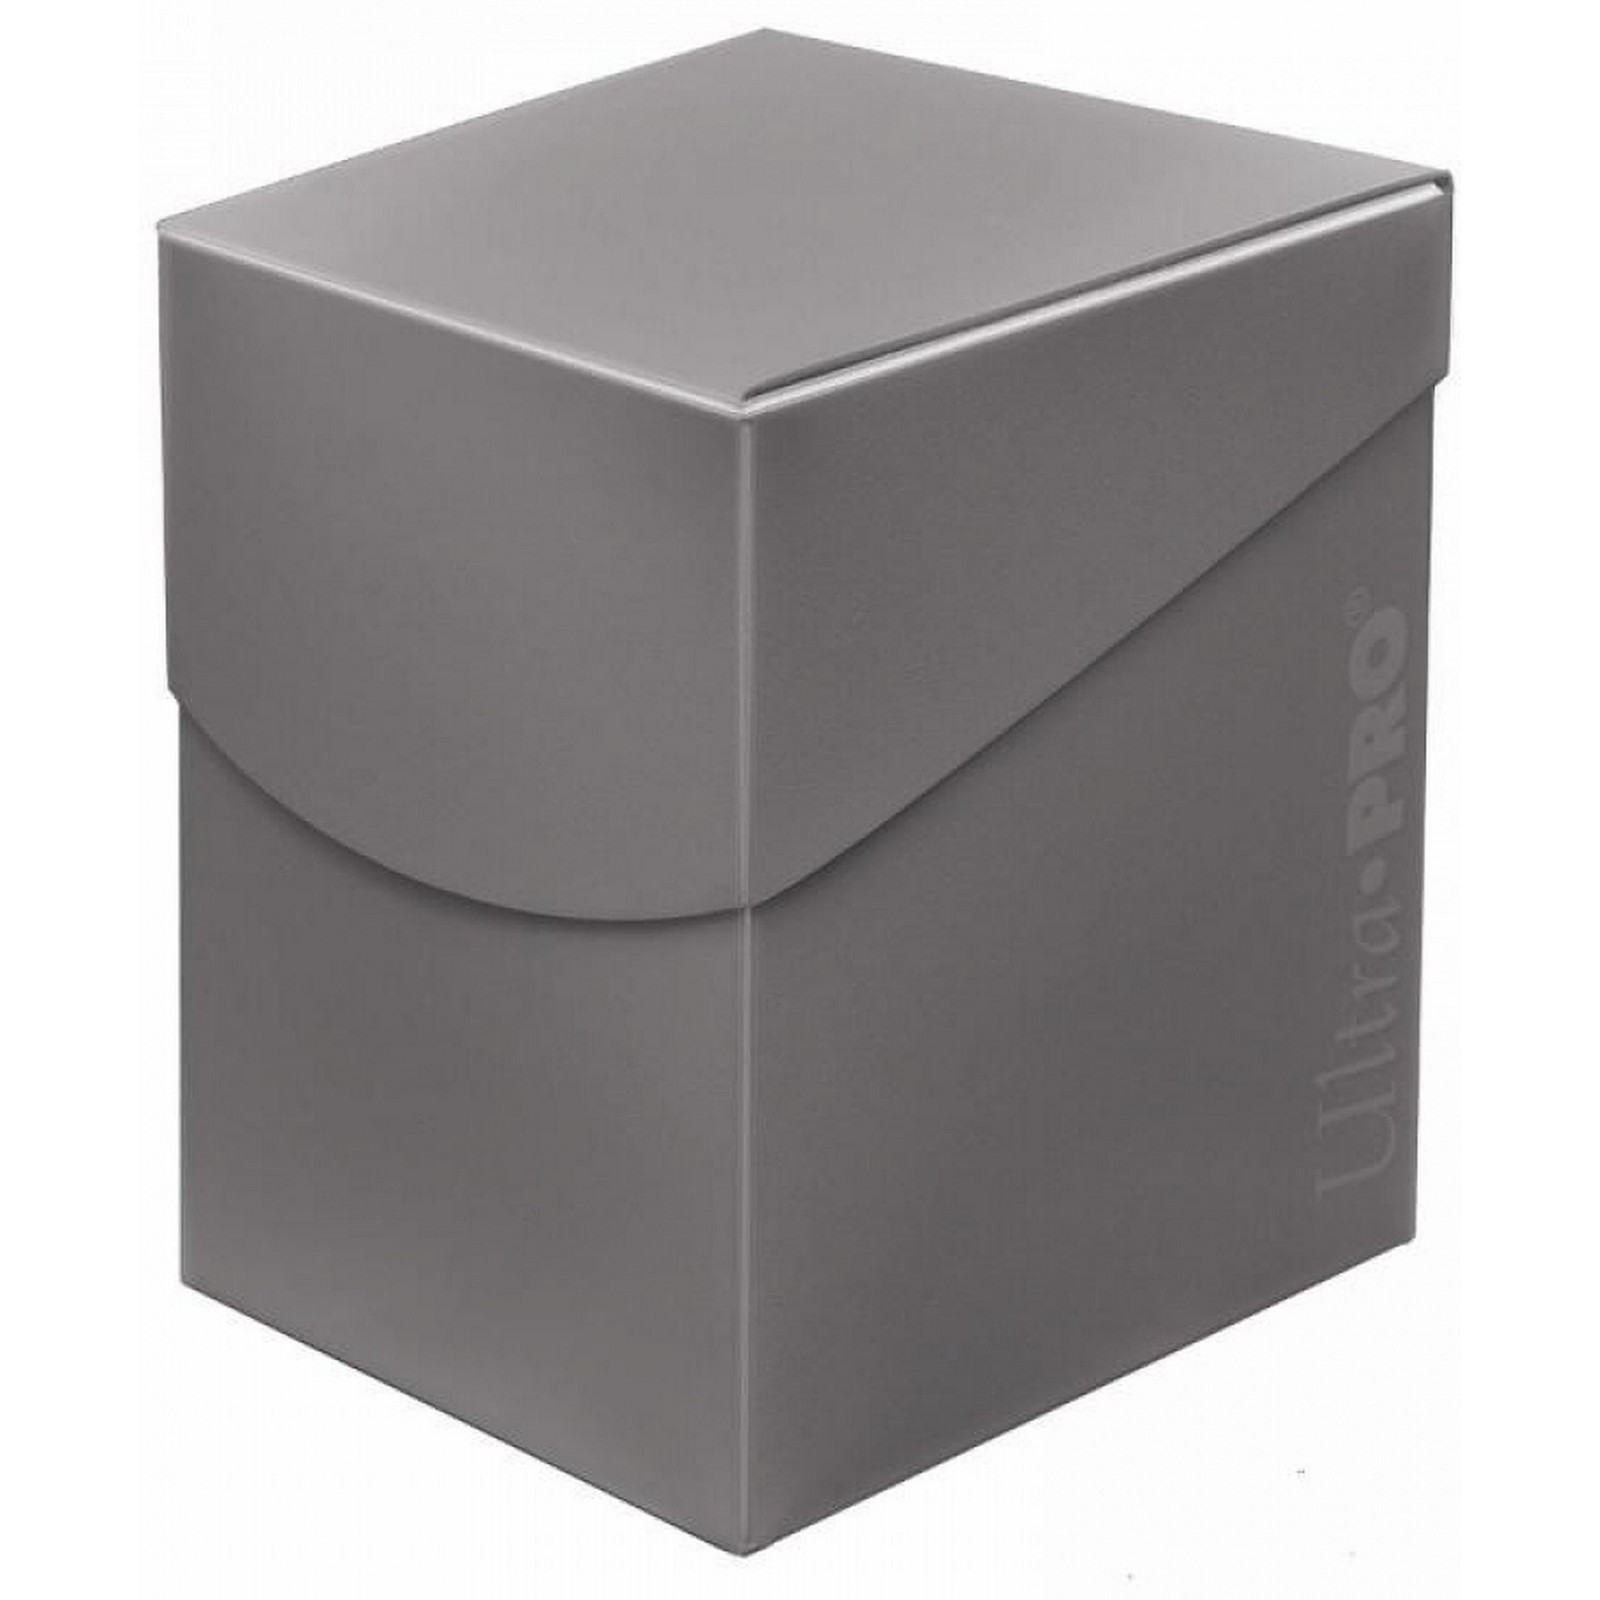 Deck Box - Eclipse PRO 100+ Smoke Grey